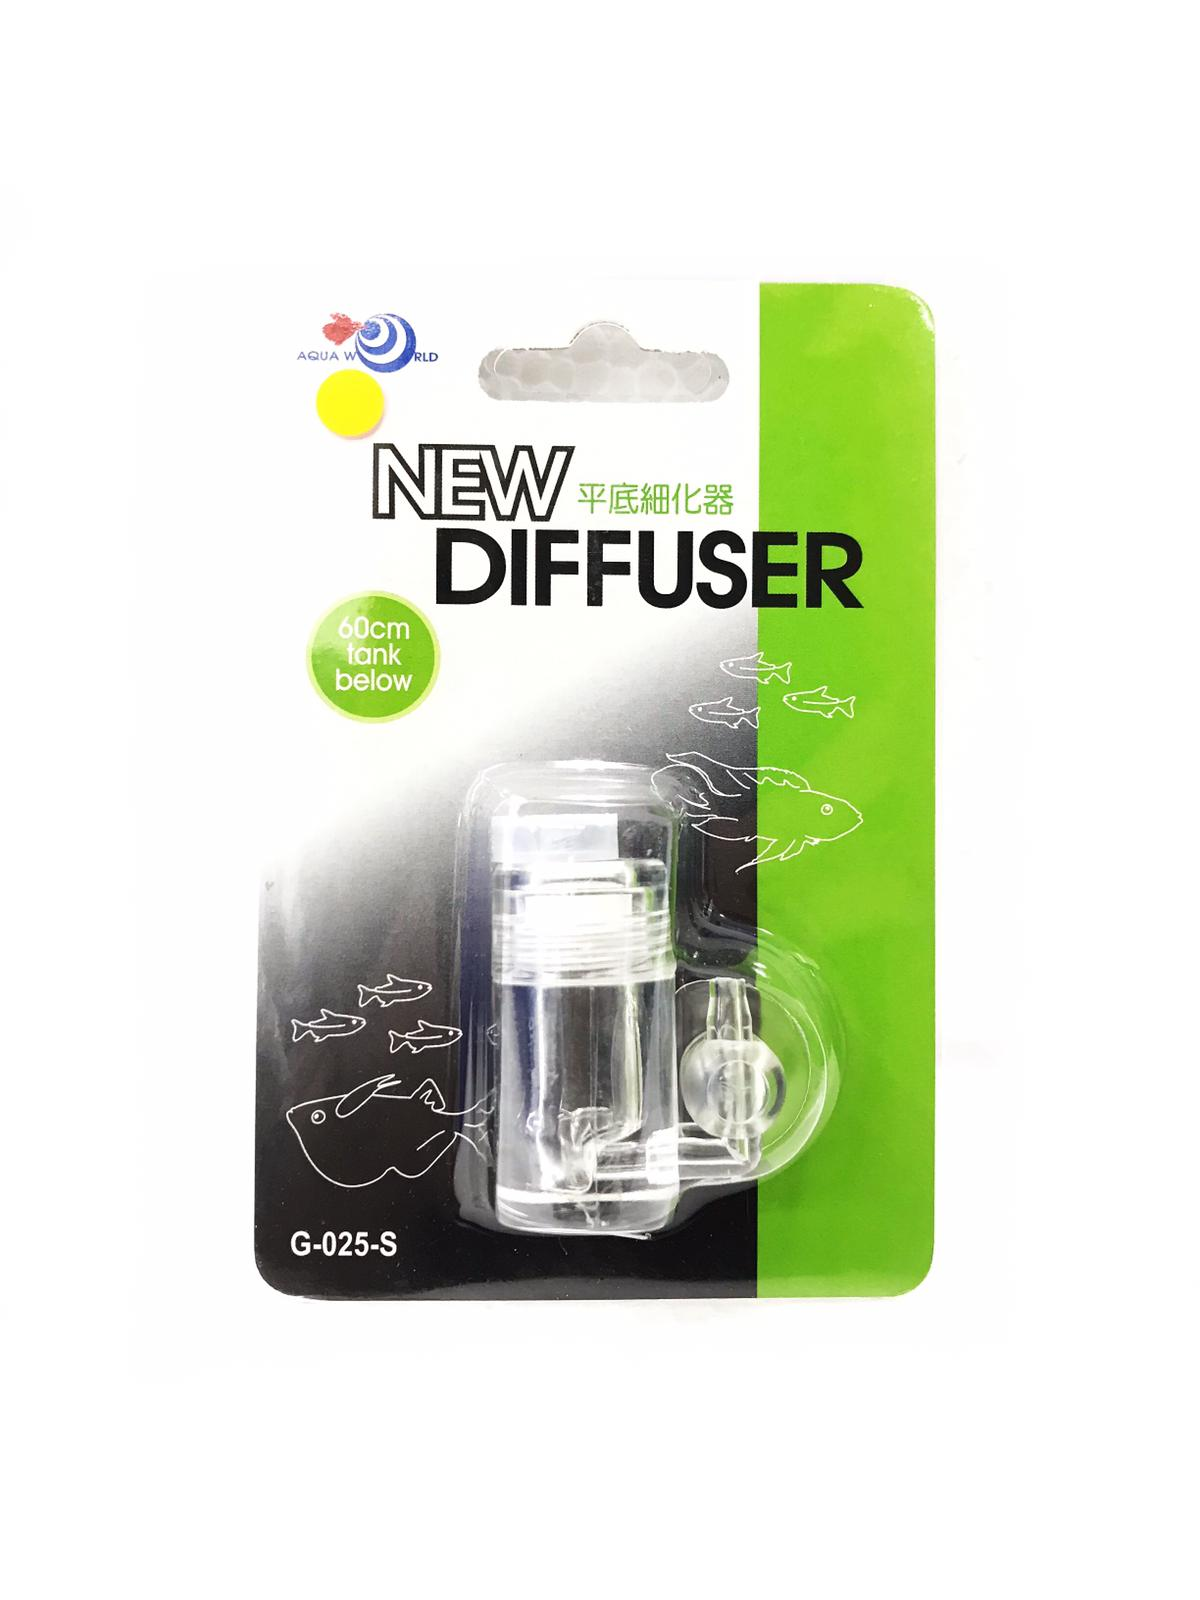 UP (Aqua World) New Diffuser